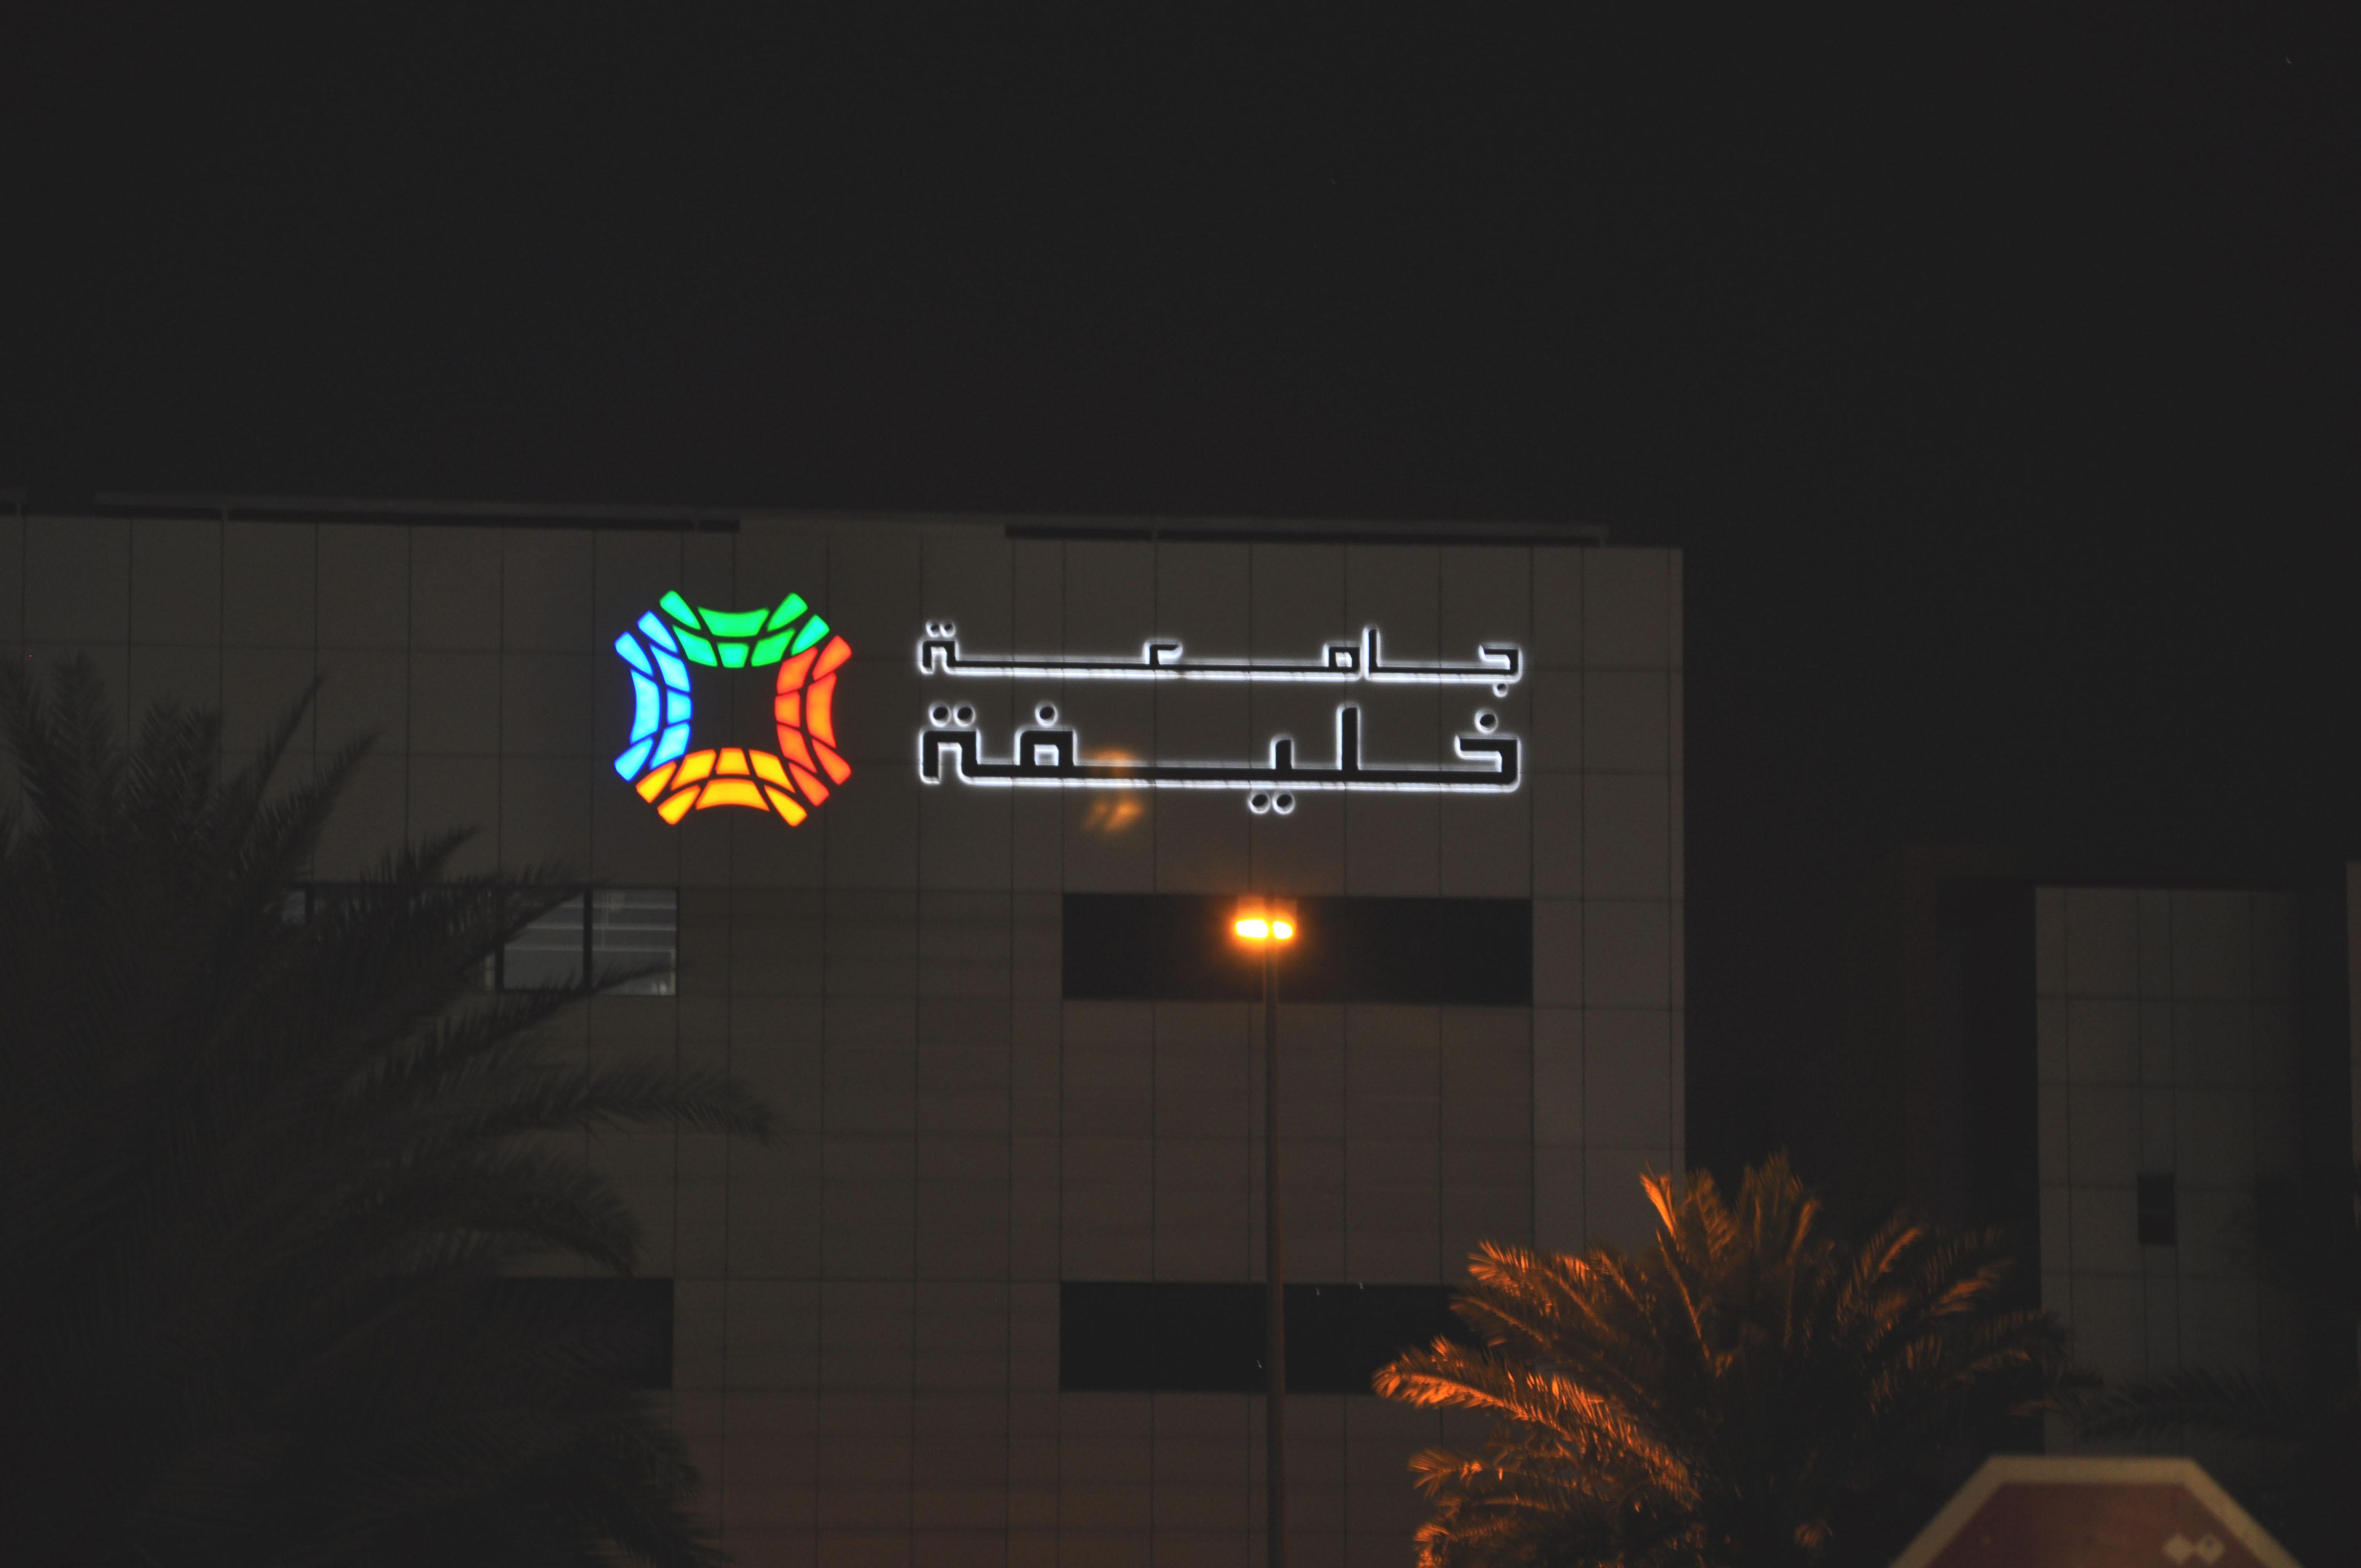 <h2>Khalifa University</h2><br/>